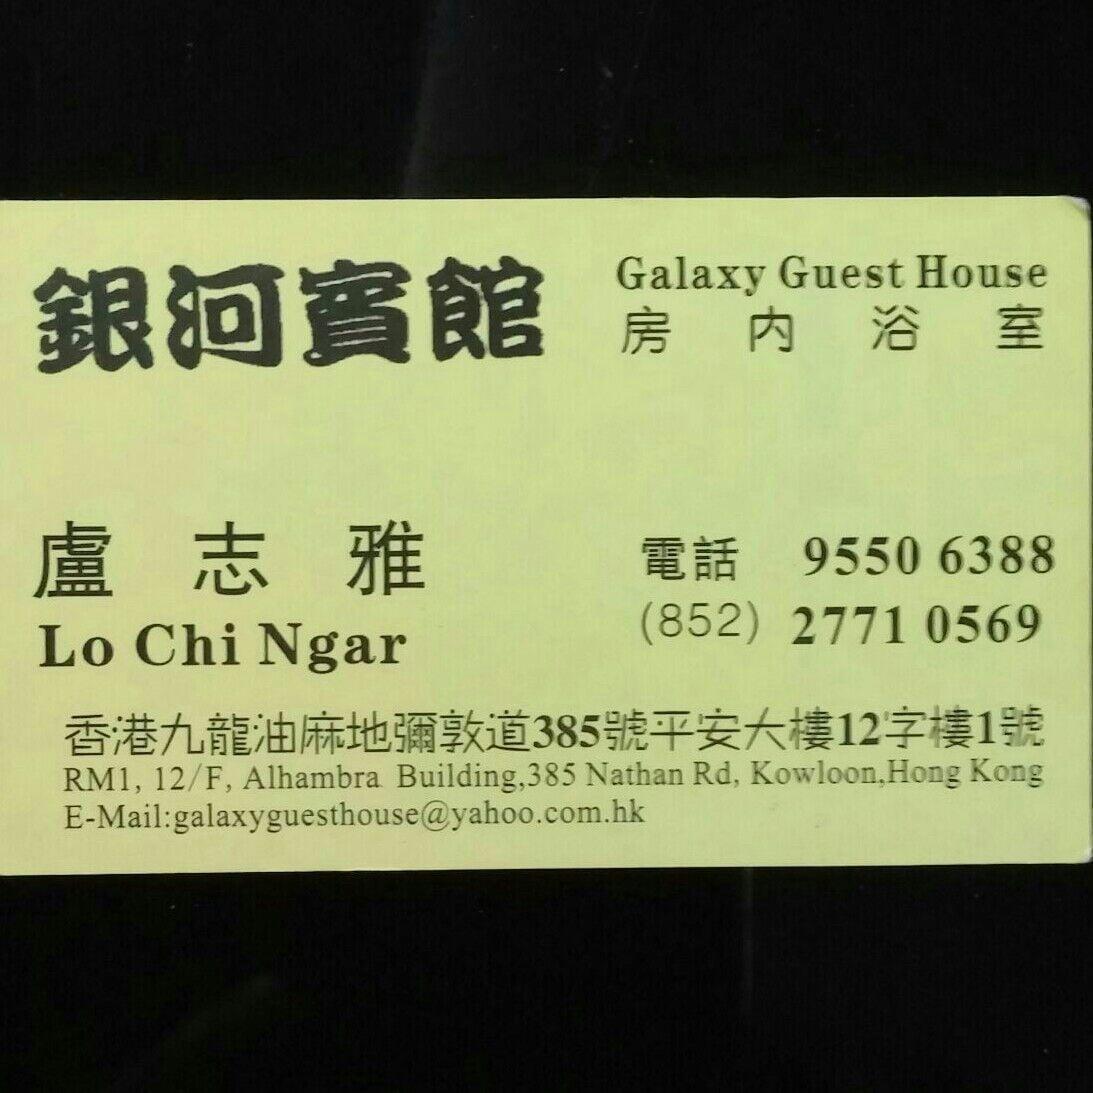 銀河賓館 from Hong Kong